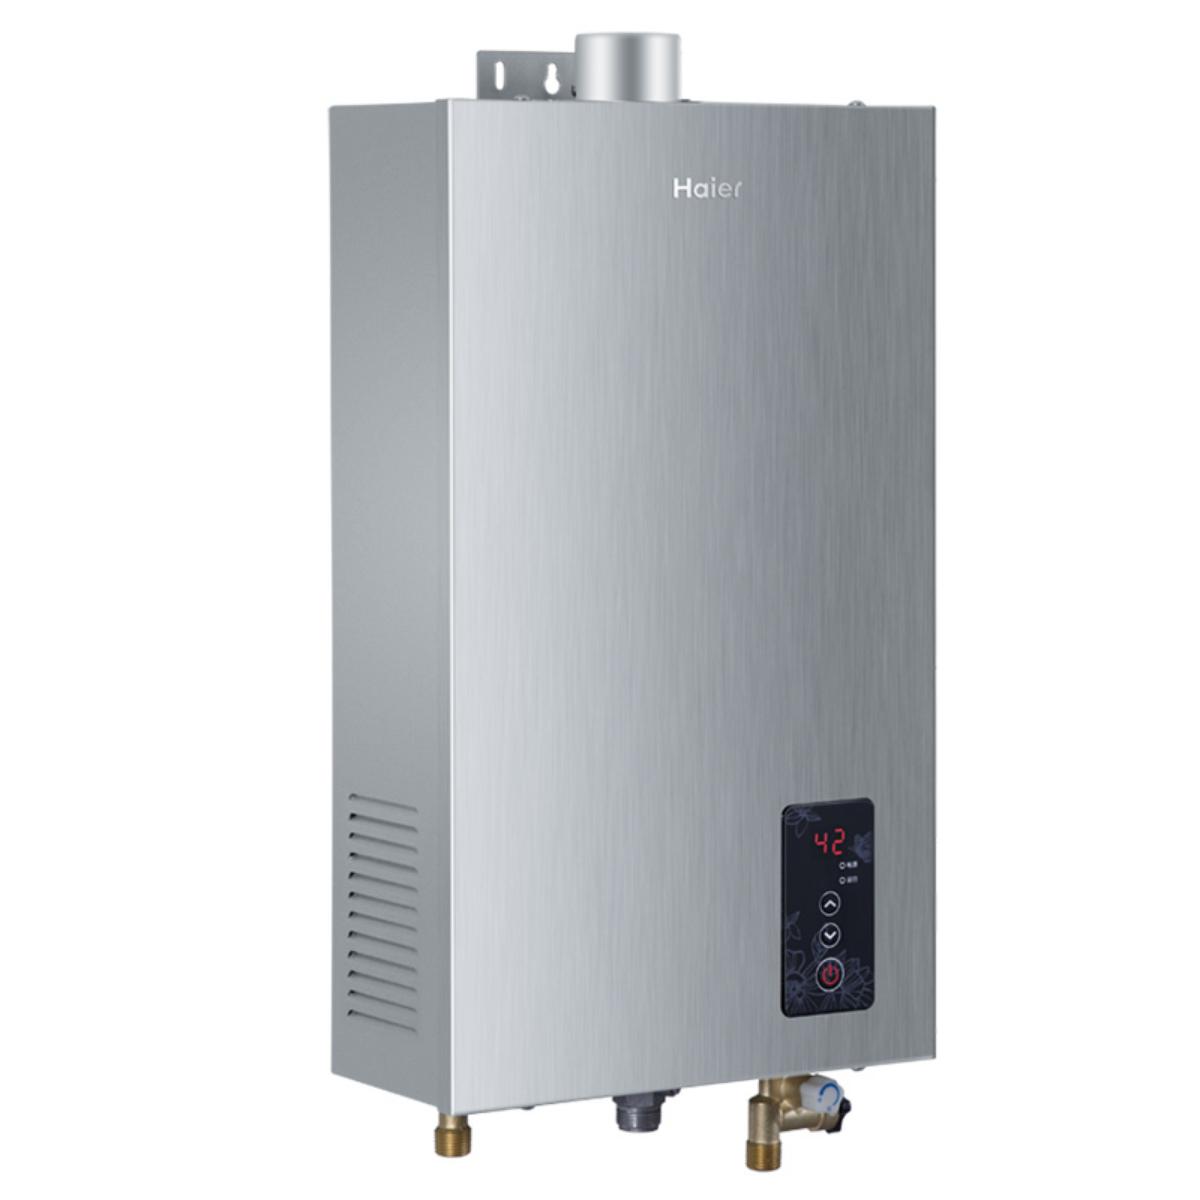 海尔燃气热水器 jsq20-pr(12t)